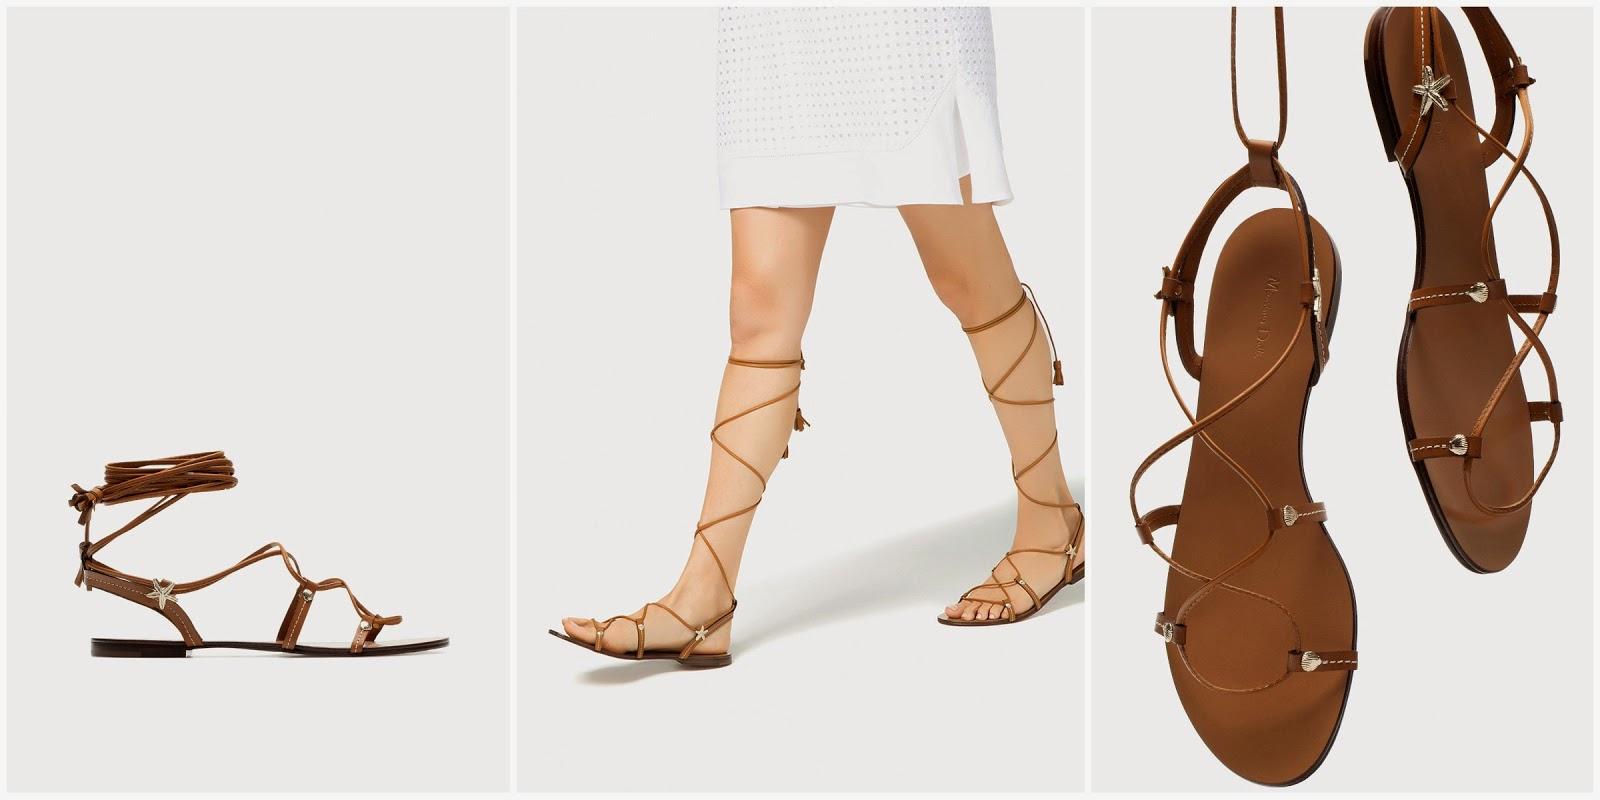 Sandalias romanas Massimo Dutti. Sandalias verano 2015. Los zapatos que llevaremos este verano. Verano 2015. Las mejores sandalias. Los zapatos más copiados. Las sandalias más copiadas. Los mejores clones de Valentino.